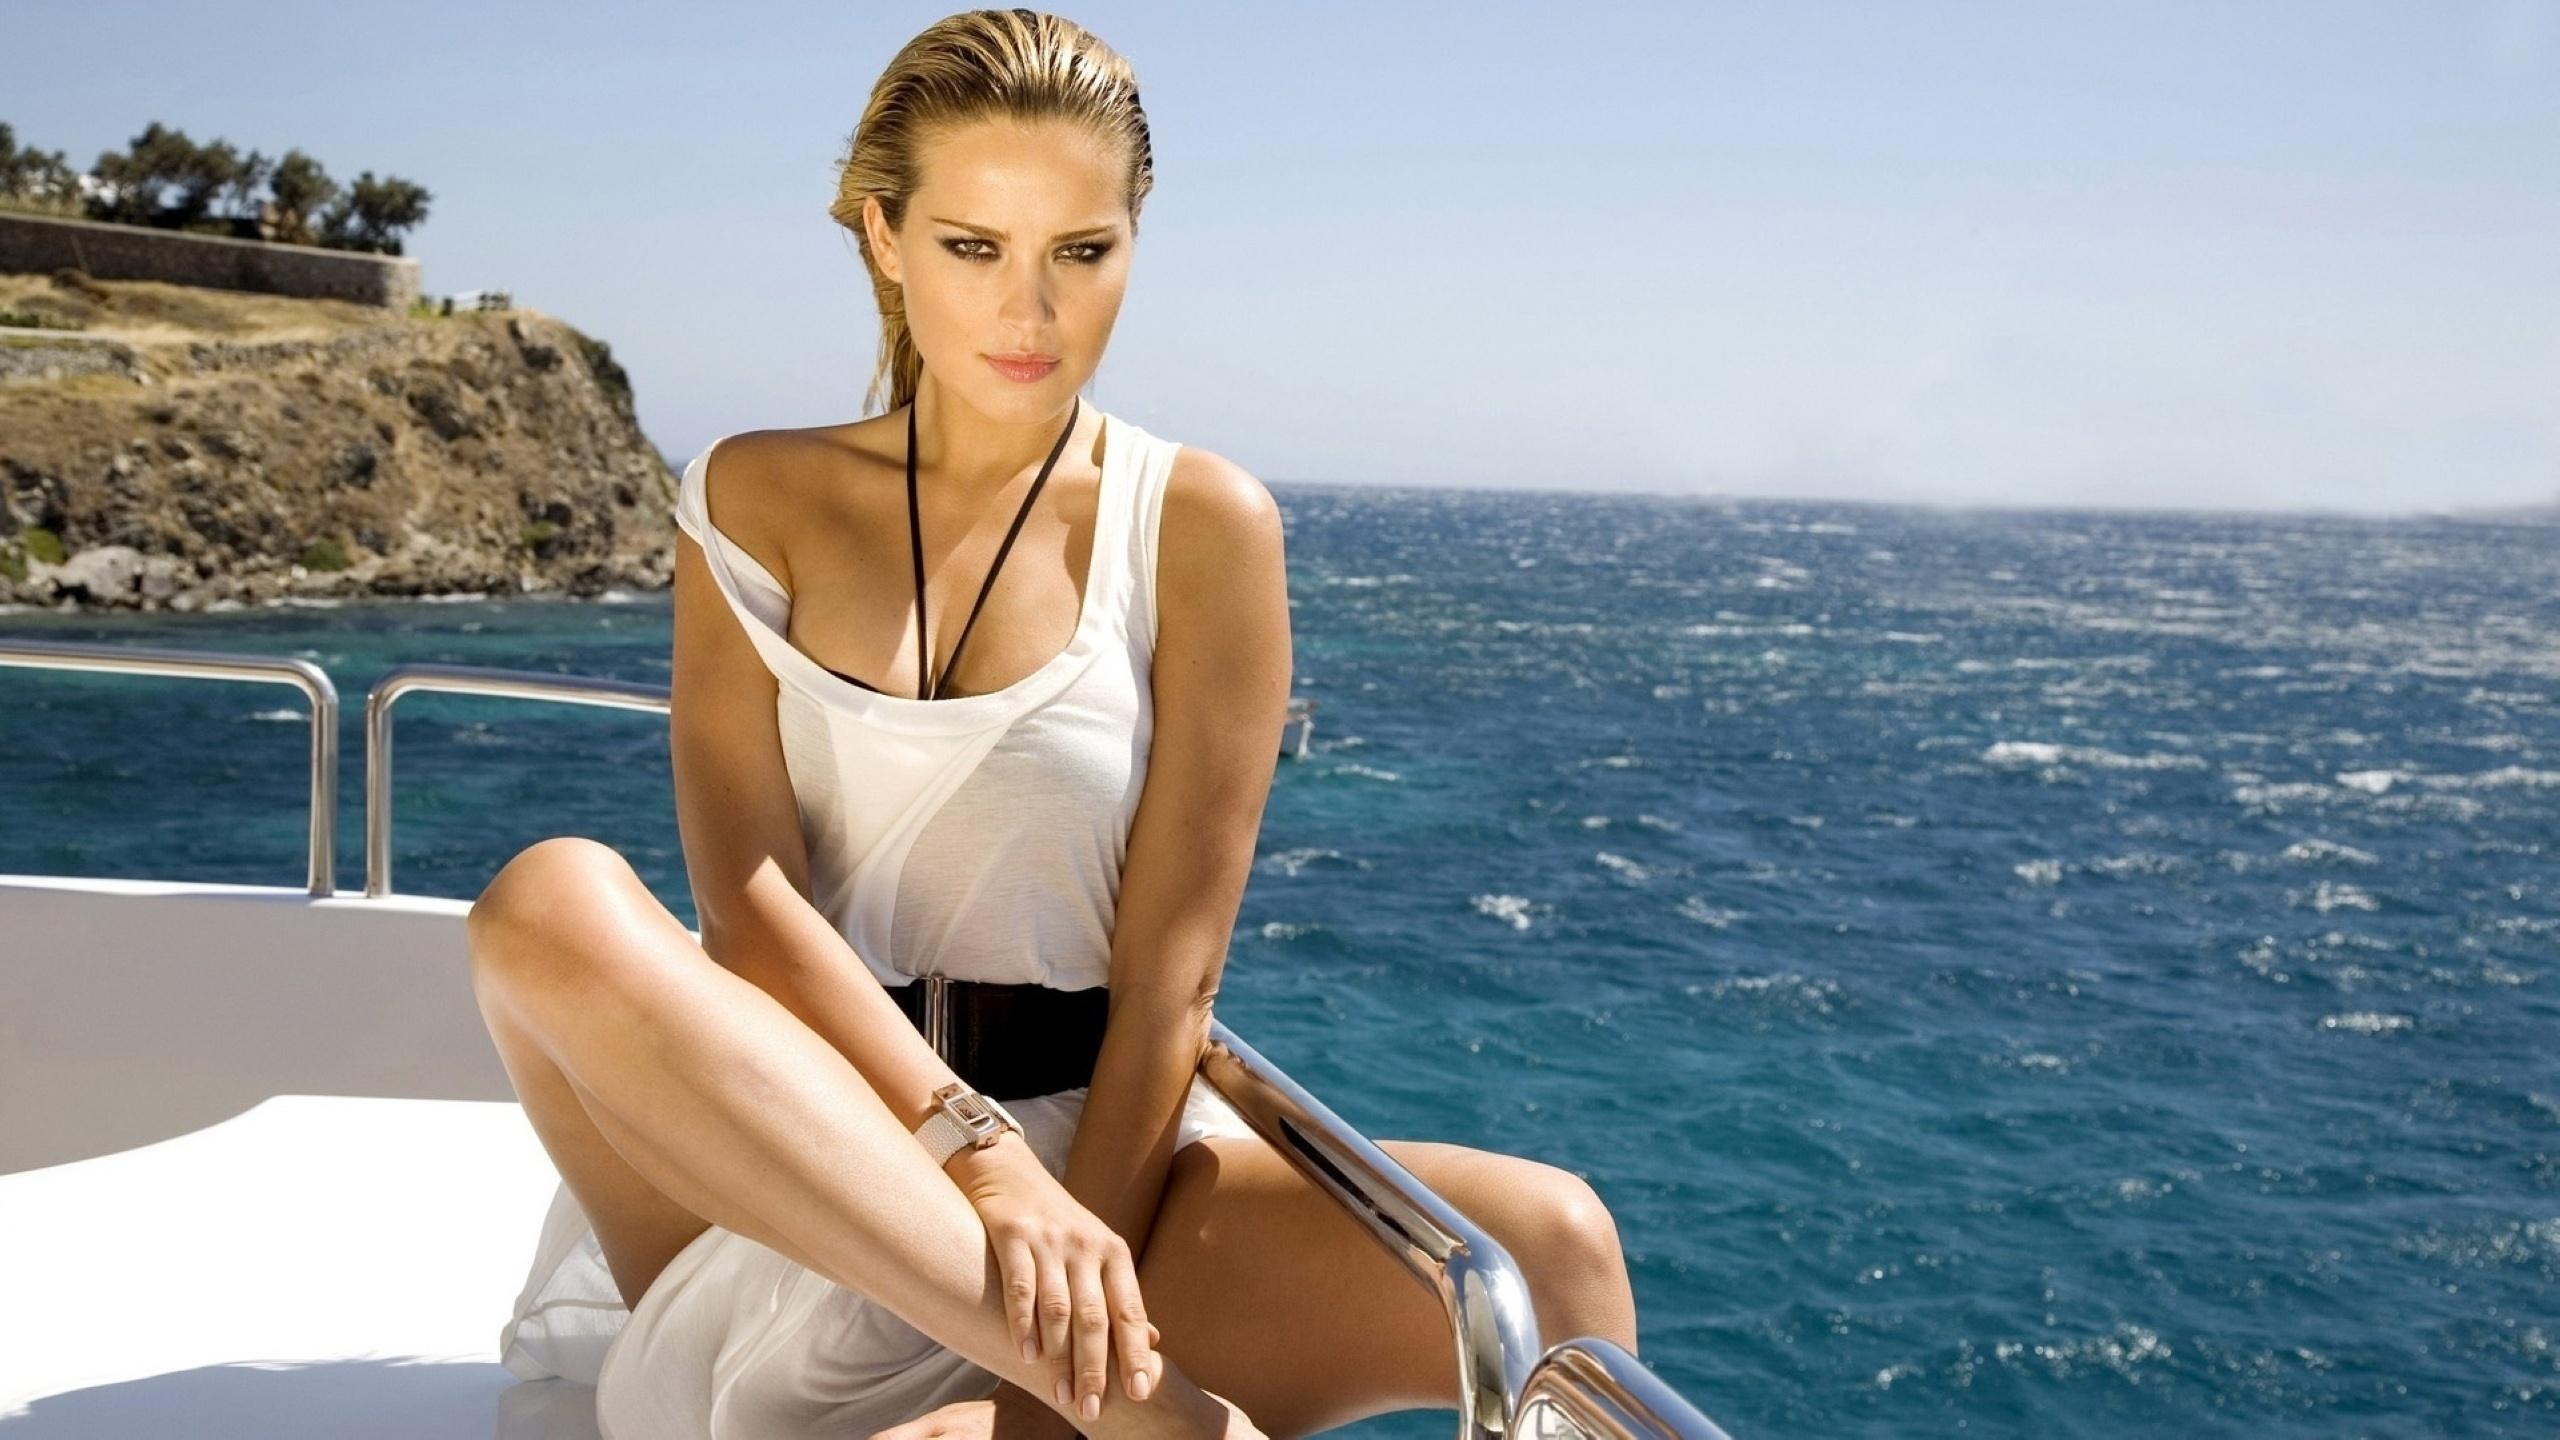 Девушка на лодке без смс